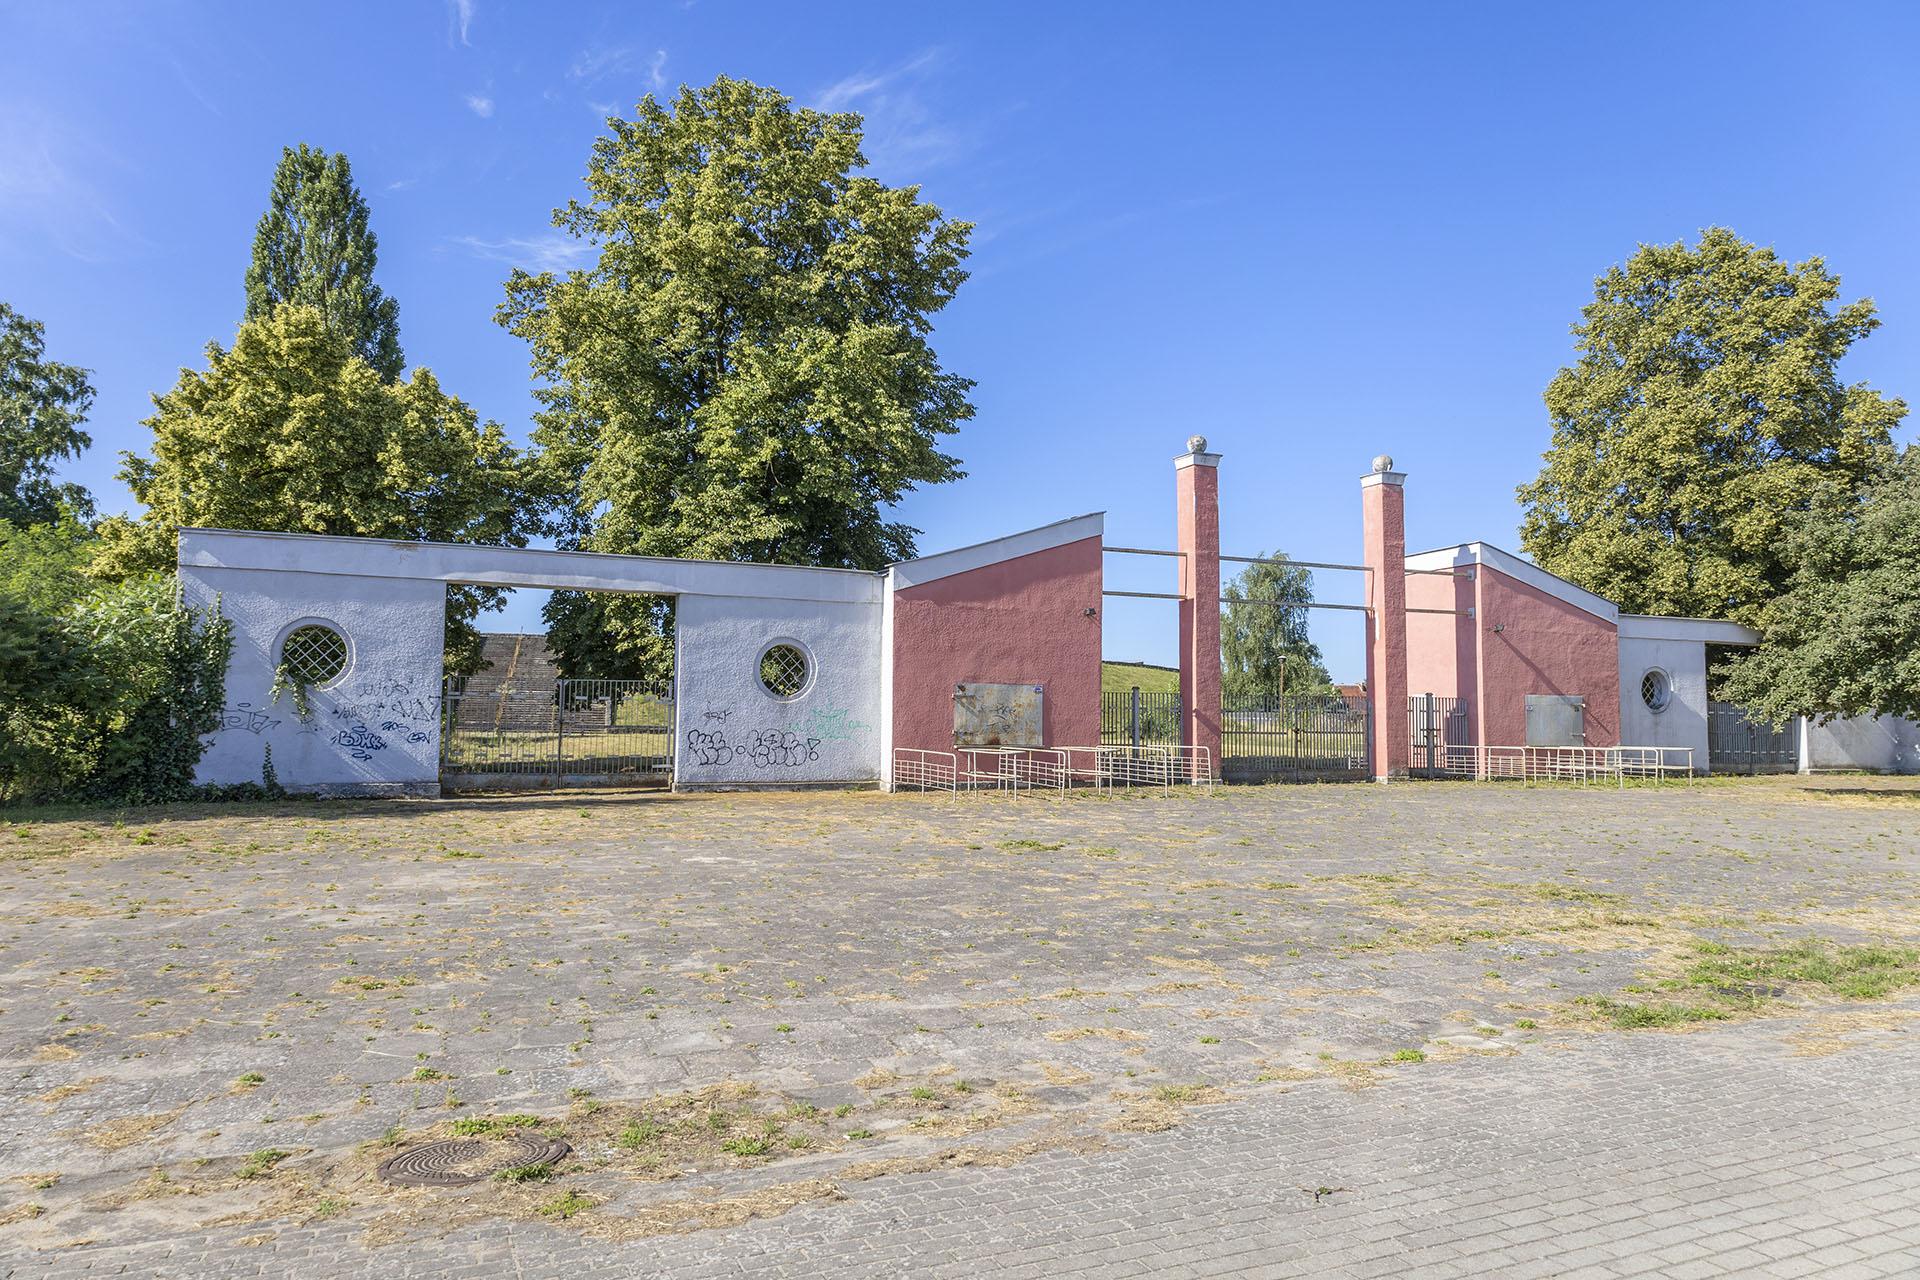 Brama stadionu od strony ulicy Mickiewicza kształtem przypomina pierwszą, przedwojenną. Fot. Marcin Maziarz